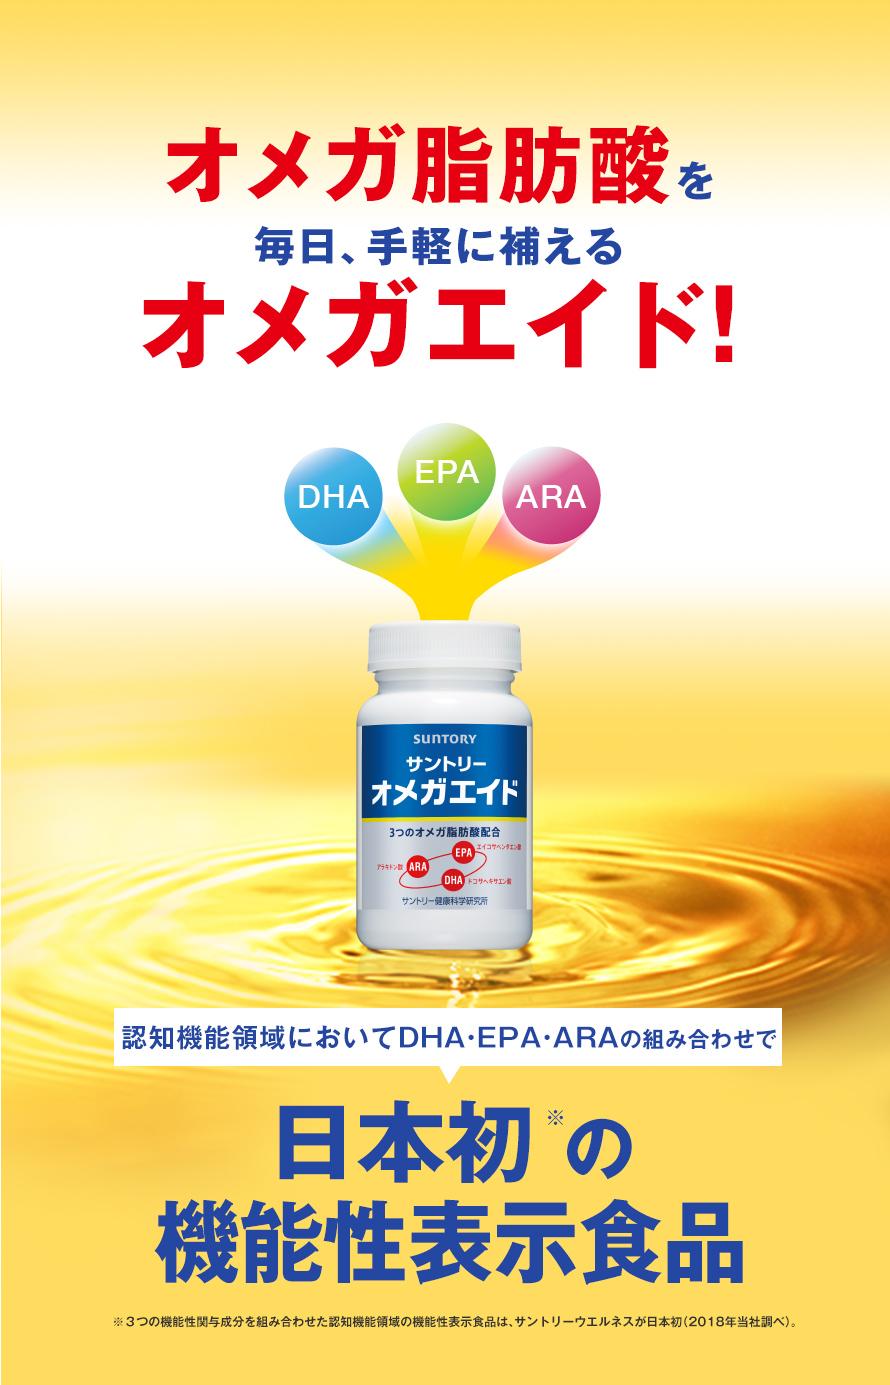 オメガ脂肪酸を毎日、手軽に補えるオメガエイド!認知機能領域においてDHA・EPA・ARAの組み合わせで日本初※の機能性表示食品 ※3つの機能性関与成分を組み合わせた認知機能領域の機能性表示食品は、サントリーウエルネスが日本初(2018年当社調べ)。